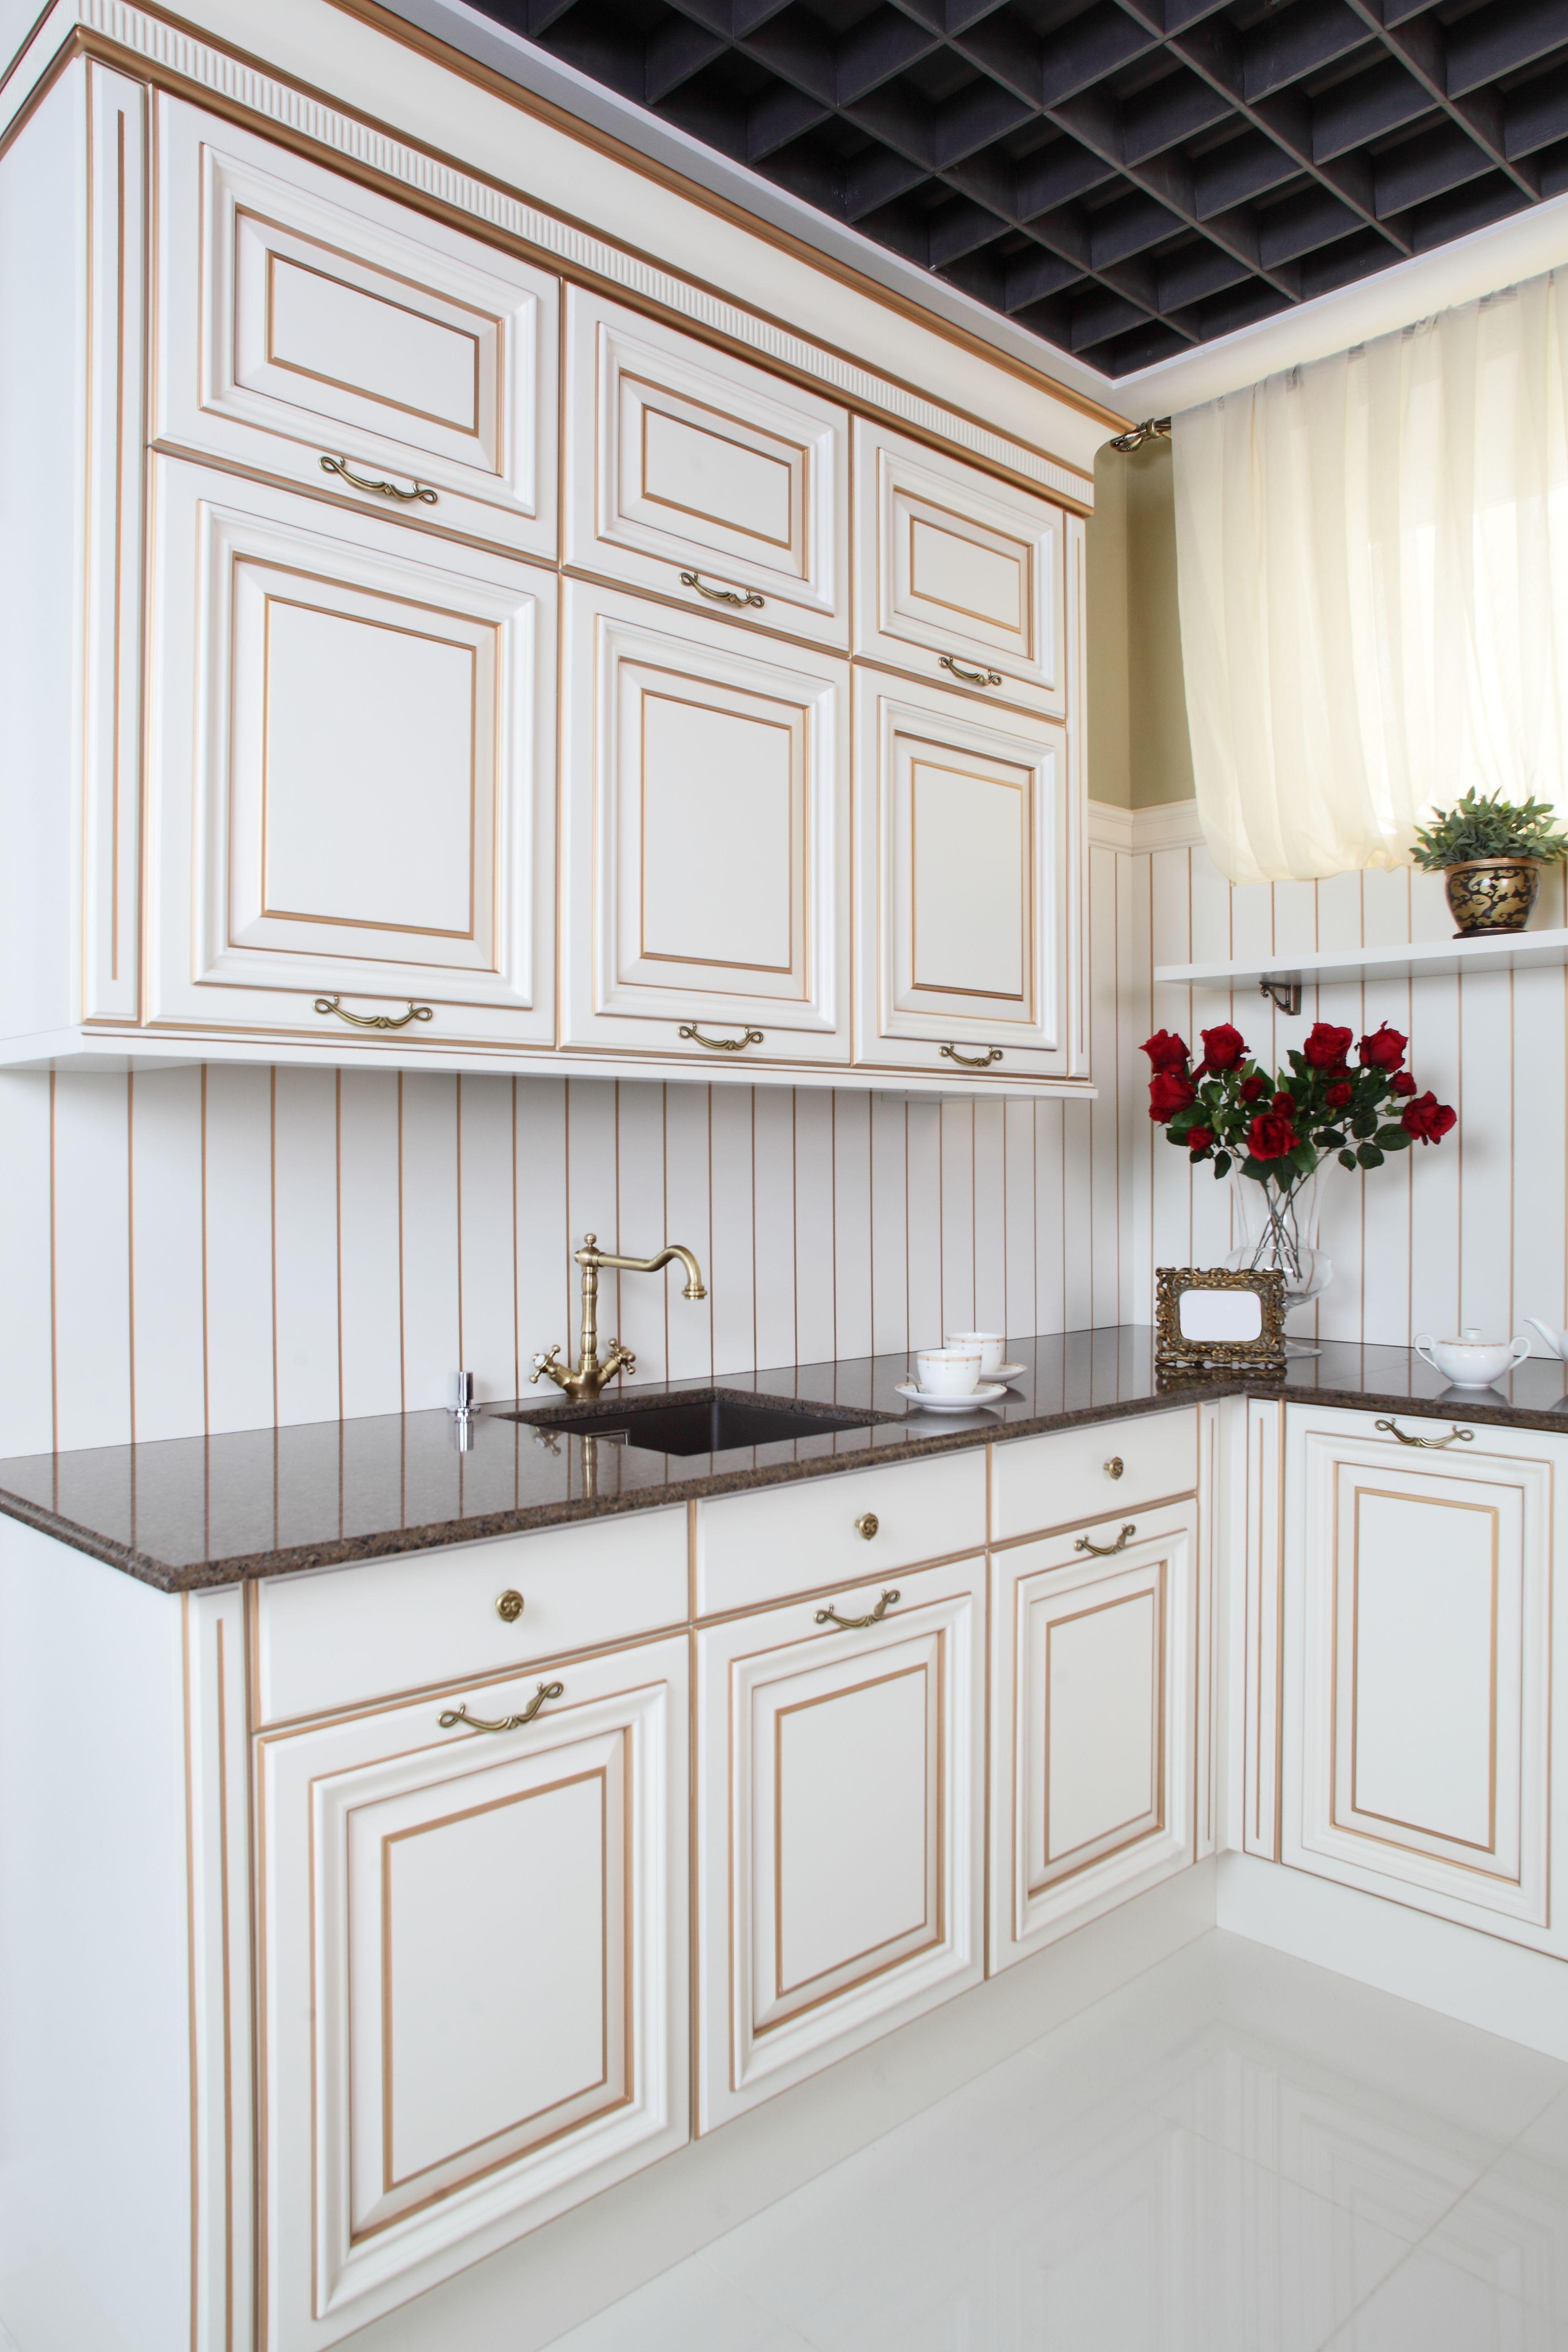 Elegancka Drewniana Biala Kuchnia Z Zaznaczonymi Kantami Na Brazowo Biel Pomieszczenia Przebija Czarny Sufit Oraz European Kitchens Kitchen Stocked Kitchen